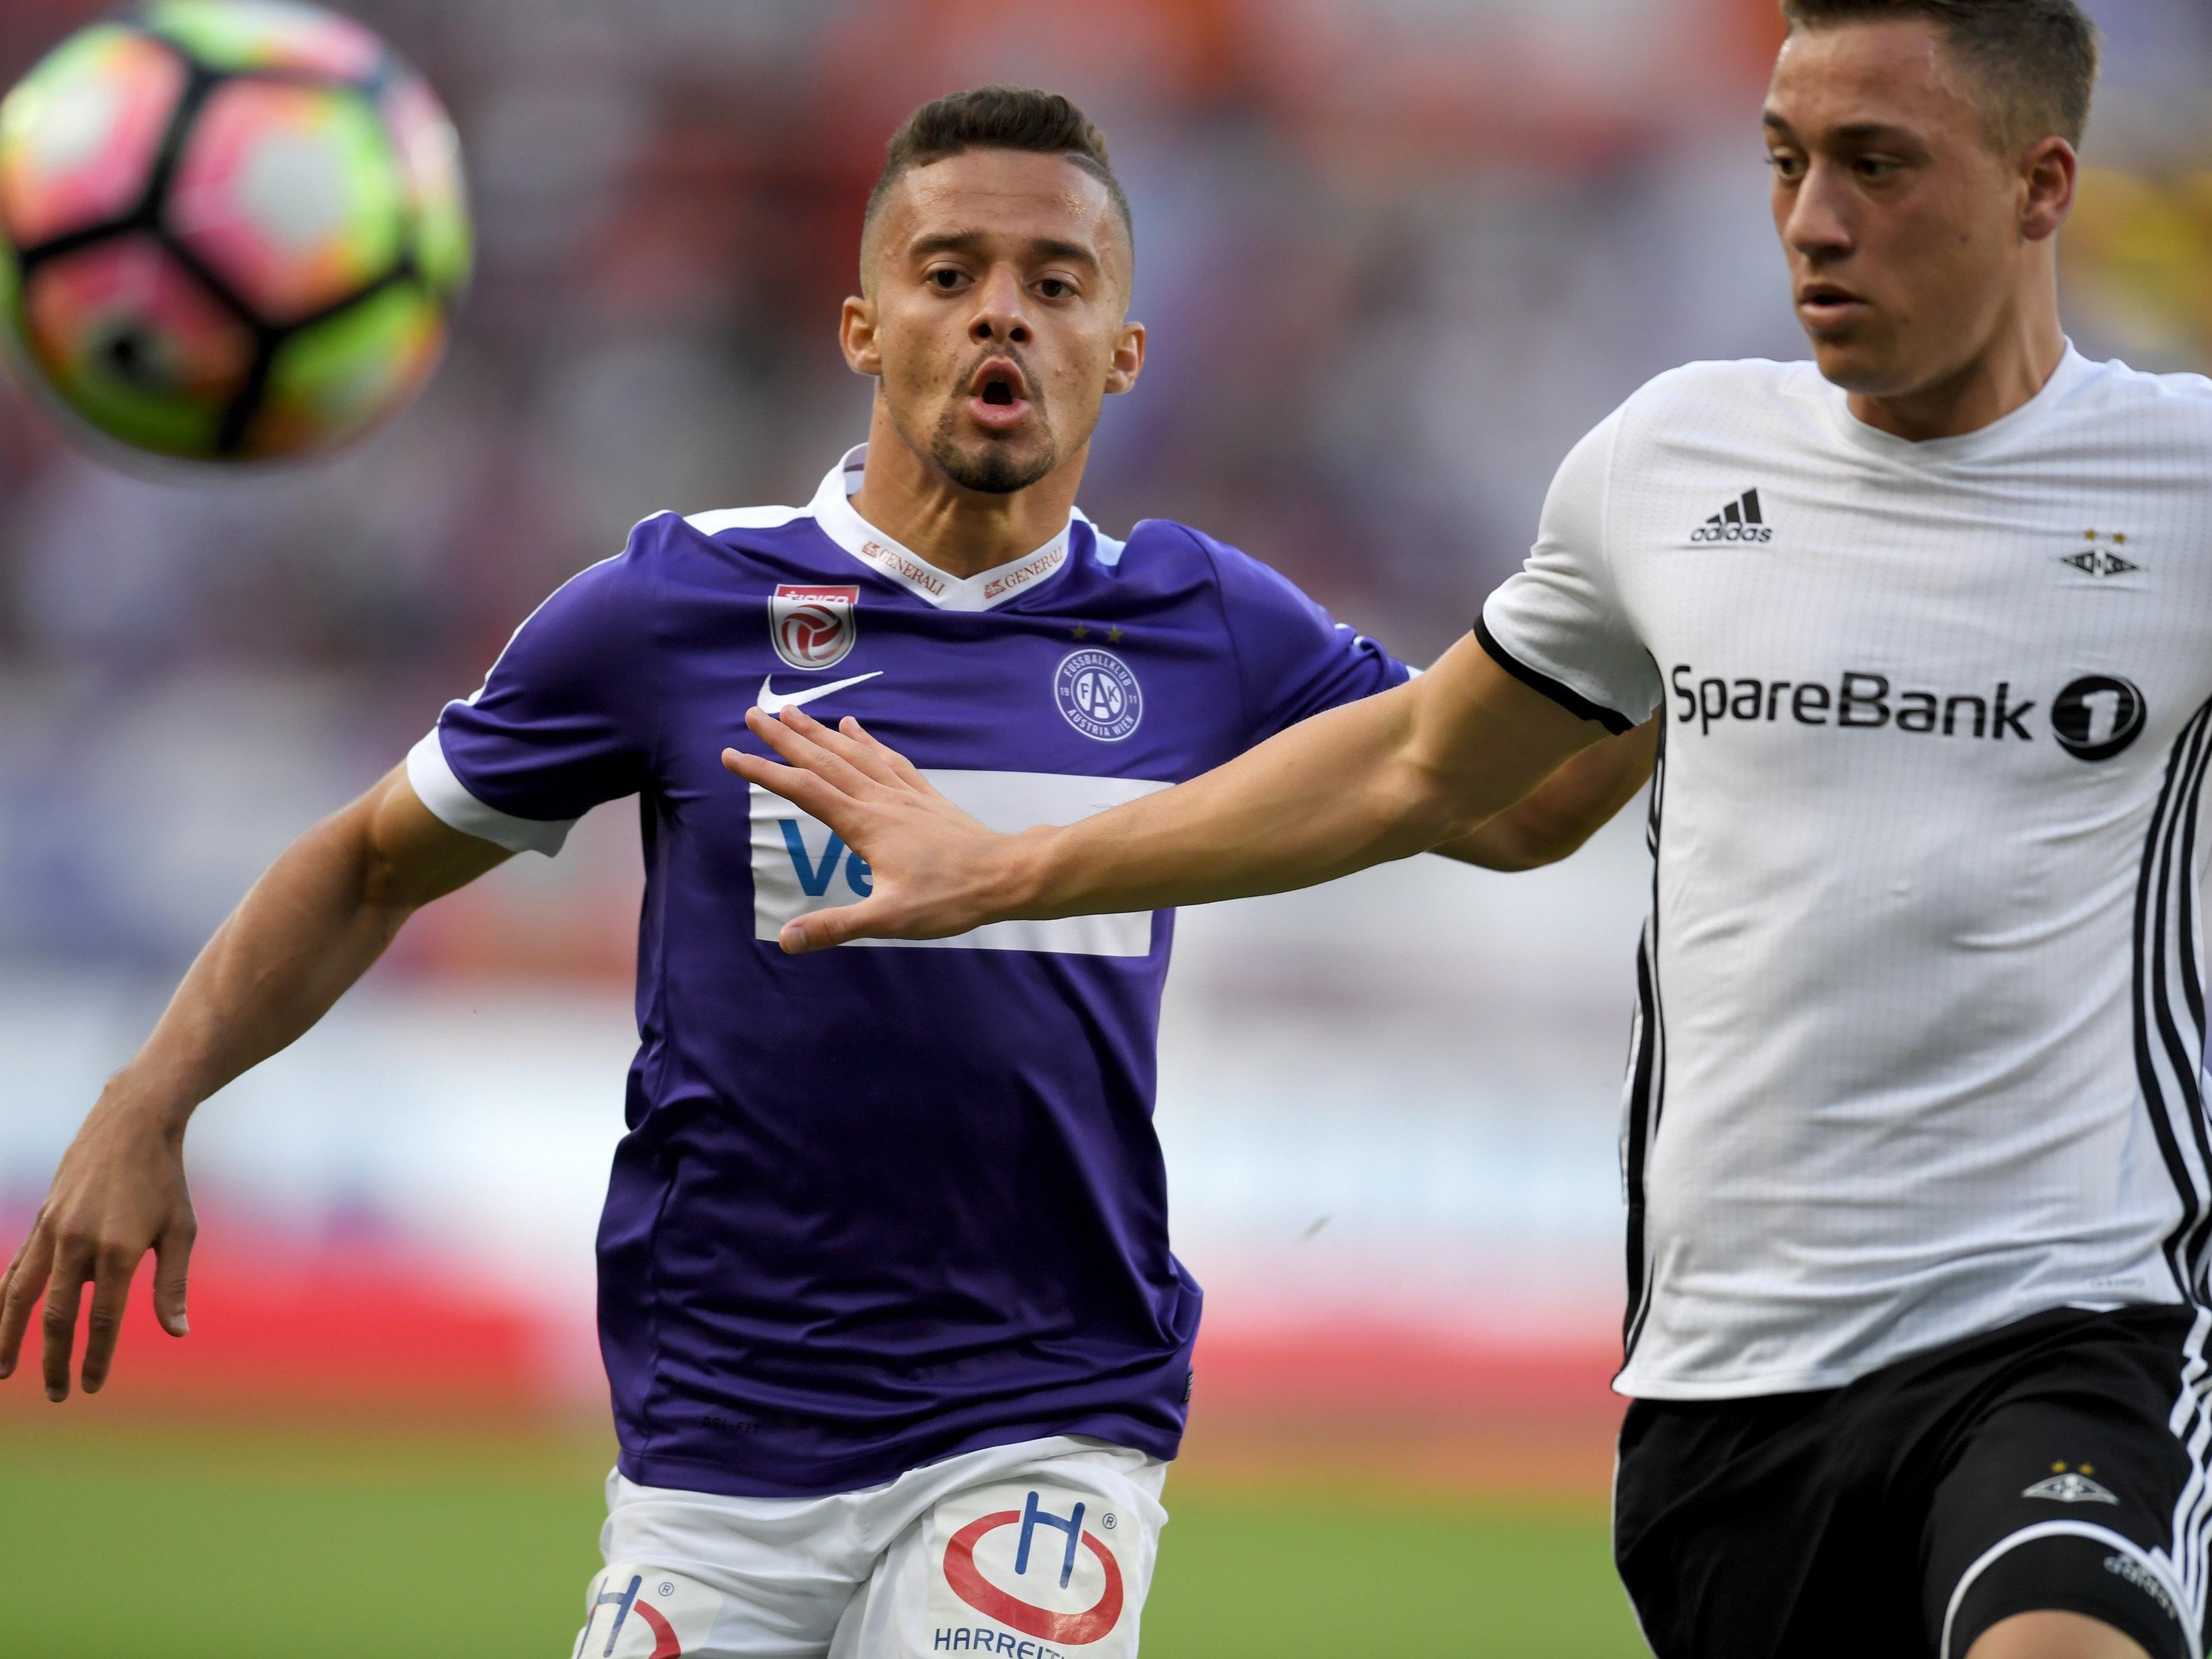 Schafft die Austria den Sprung in die Europa-League-Gruppenphase?